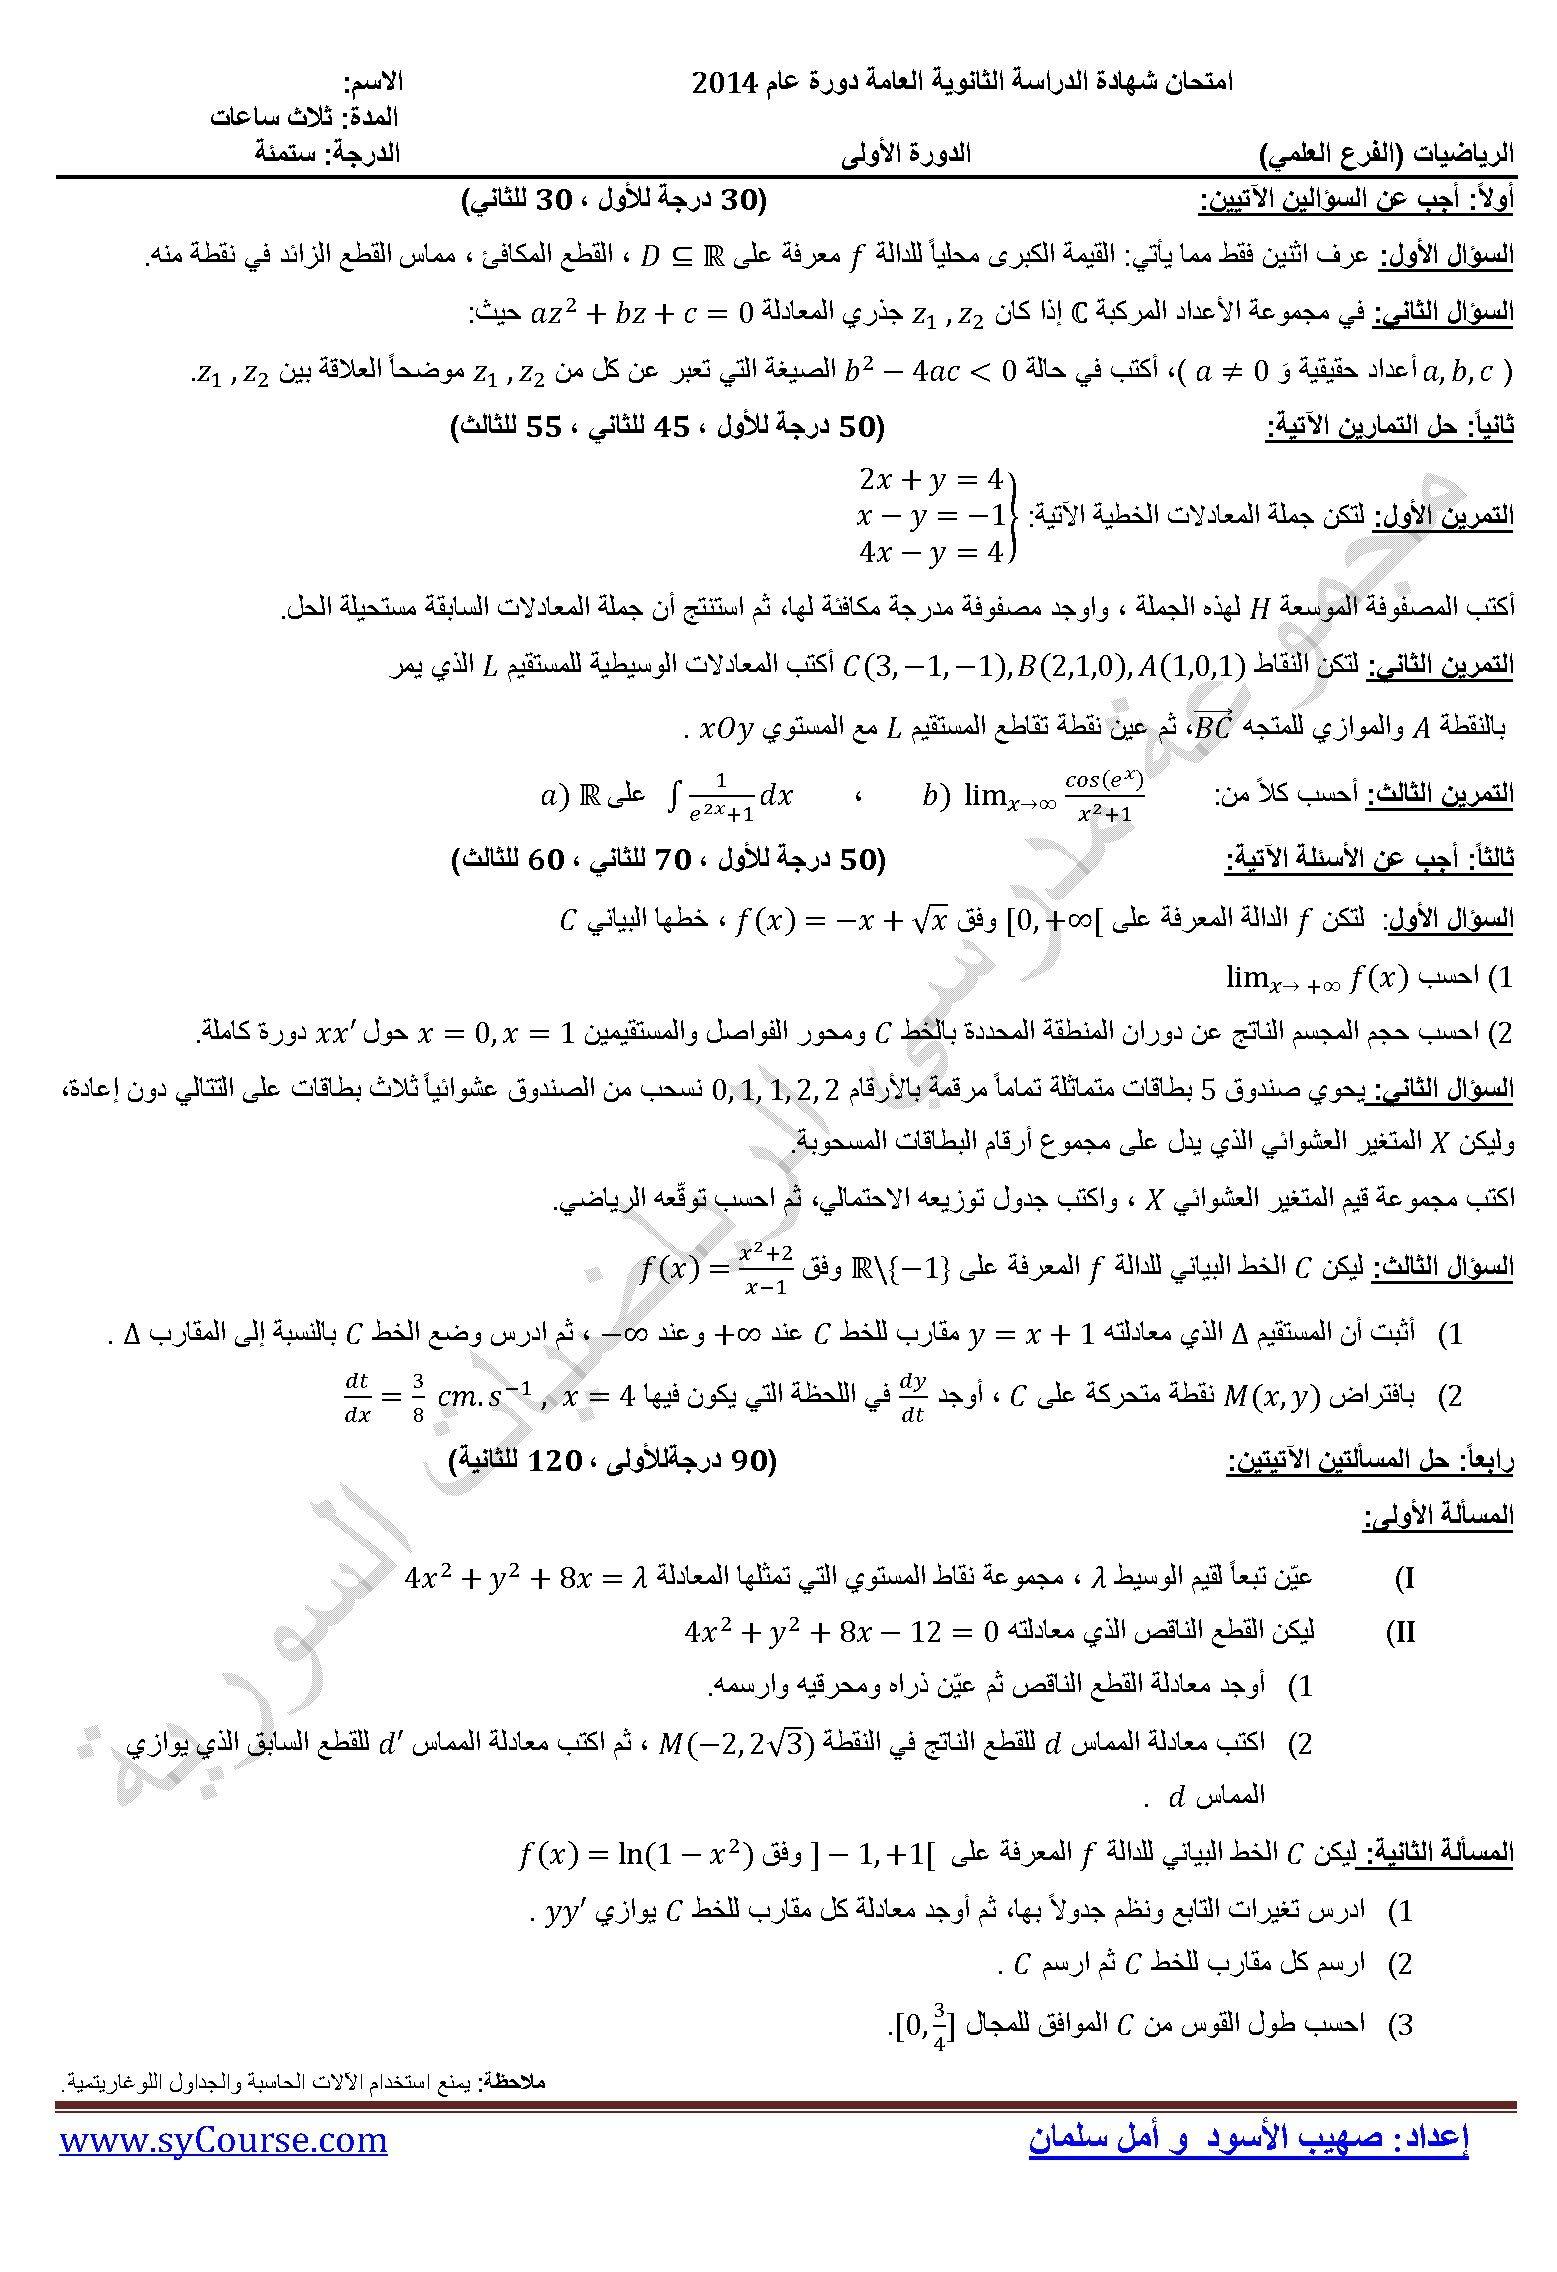 أسئلة امتحان مادة الرياضيات الدورة الإضافية سوريا ورقة الامتحان الفرع العلمي 1464368464462.jpg